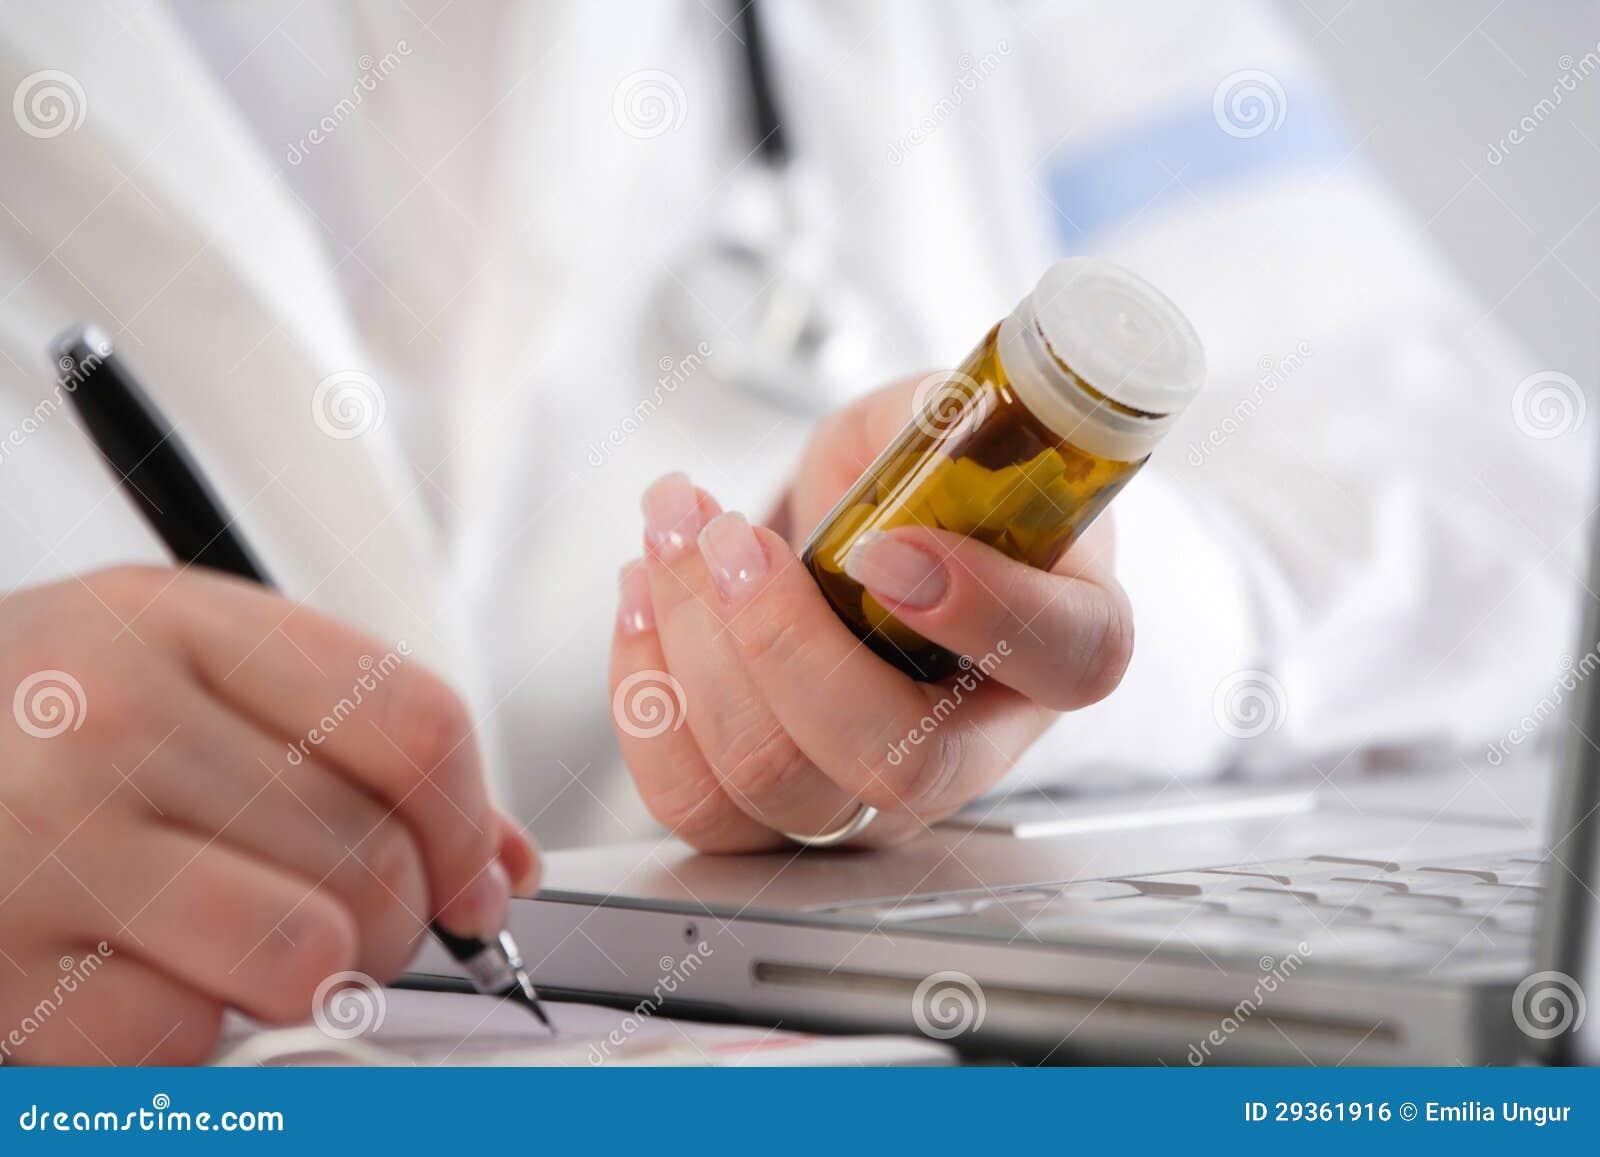 c0f15b3e89279 Medique A Escrita De Uma Prescrição Com Os Comprimidos Em Sua Mão ...